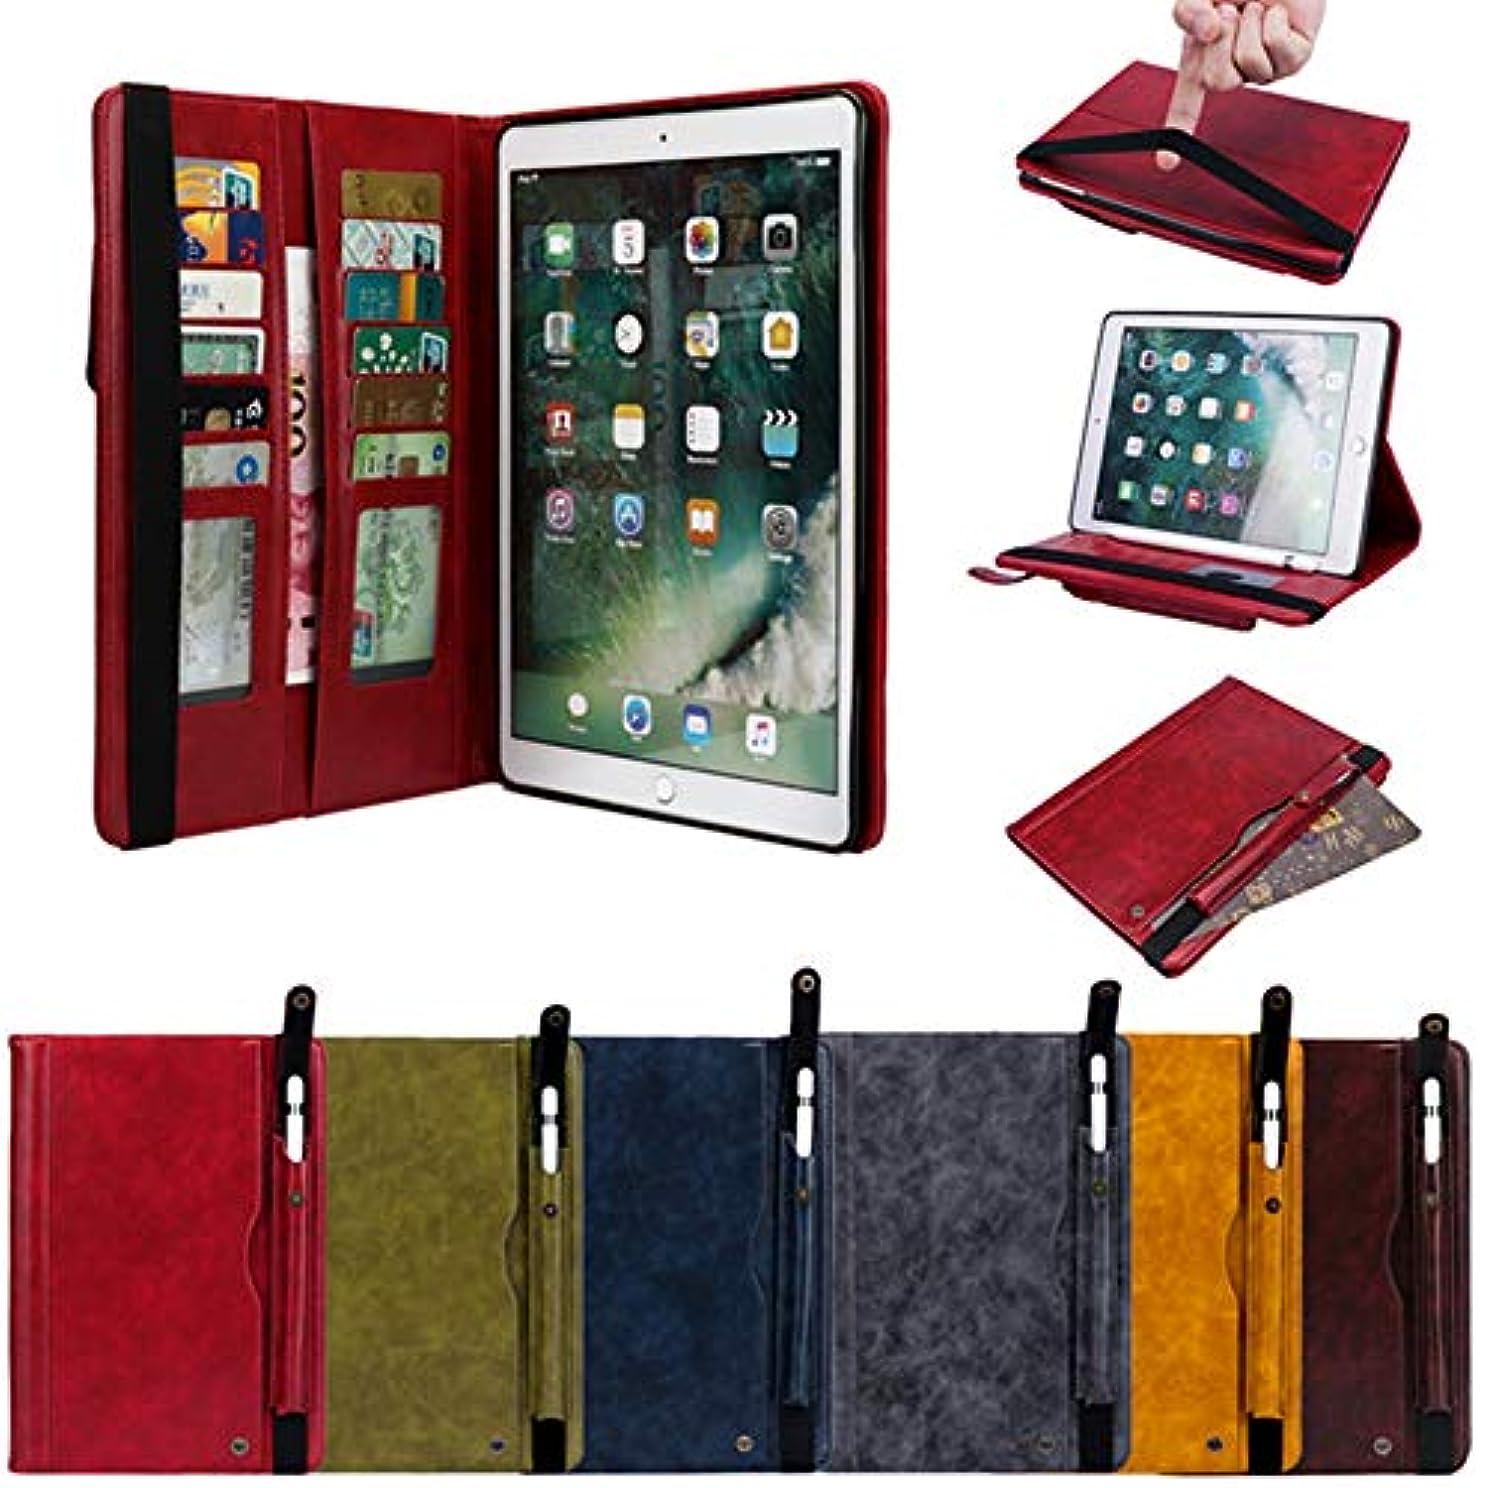 会計士良いブラケットApple Pencil ペンシル 収納 iPad アイパッド 2018 9.7インチ iPad 6 iPad 5 iPad Pro9.7 iPadAir/Air2 ケース バンド付き 大容量 2列カード収納 お札入れ 小物入れ 9.7インチ アイパッド 6 5 エア エア2 プロ9.7 レザーケース (iPad6/iPad5/iPadPro9.7/iPadAir/Air2兼用, ブラウン)